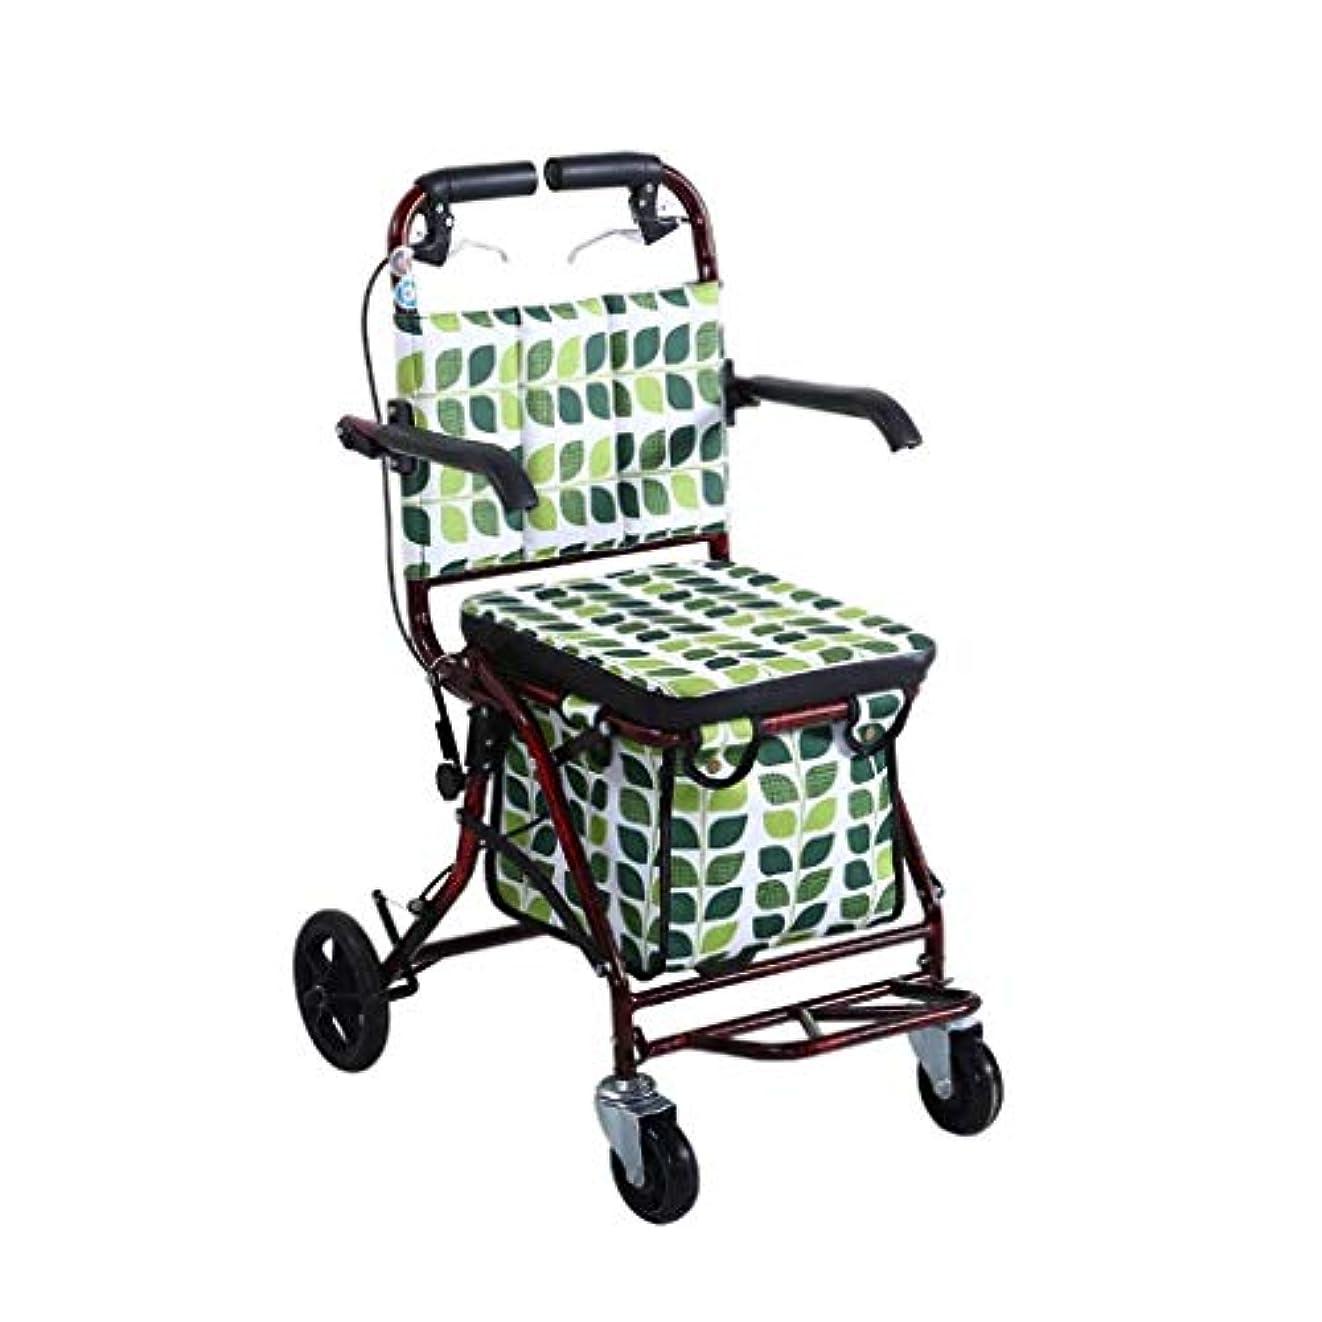 雄弁な画家恐怖ショッピングトロリー、老人ポータブル四輪歩行者は、背もたれ、パッド入りシート、フットレスト付きの折りたたみ車椅子に乗る